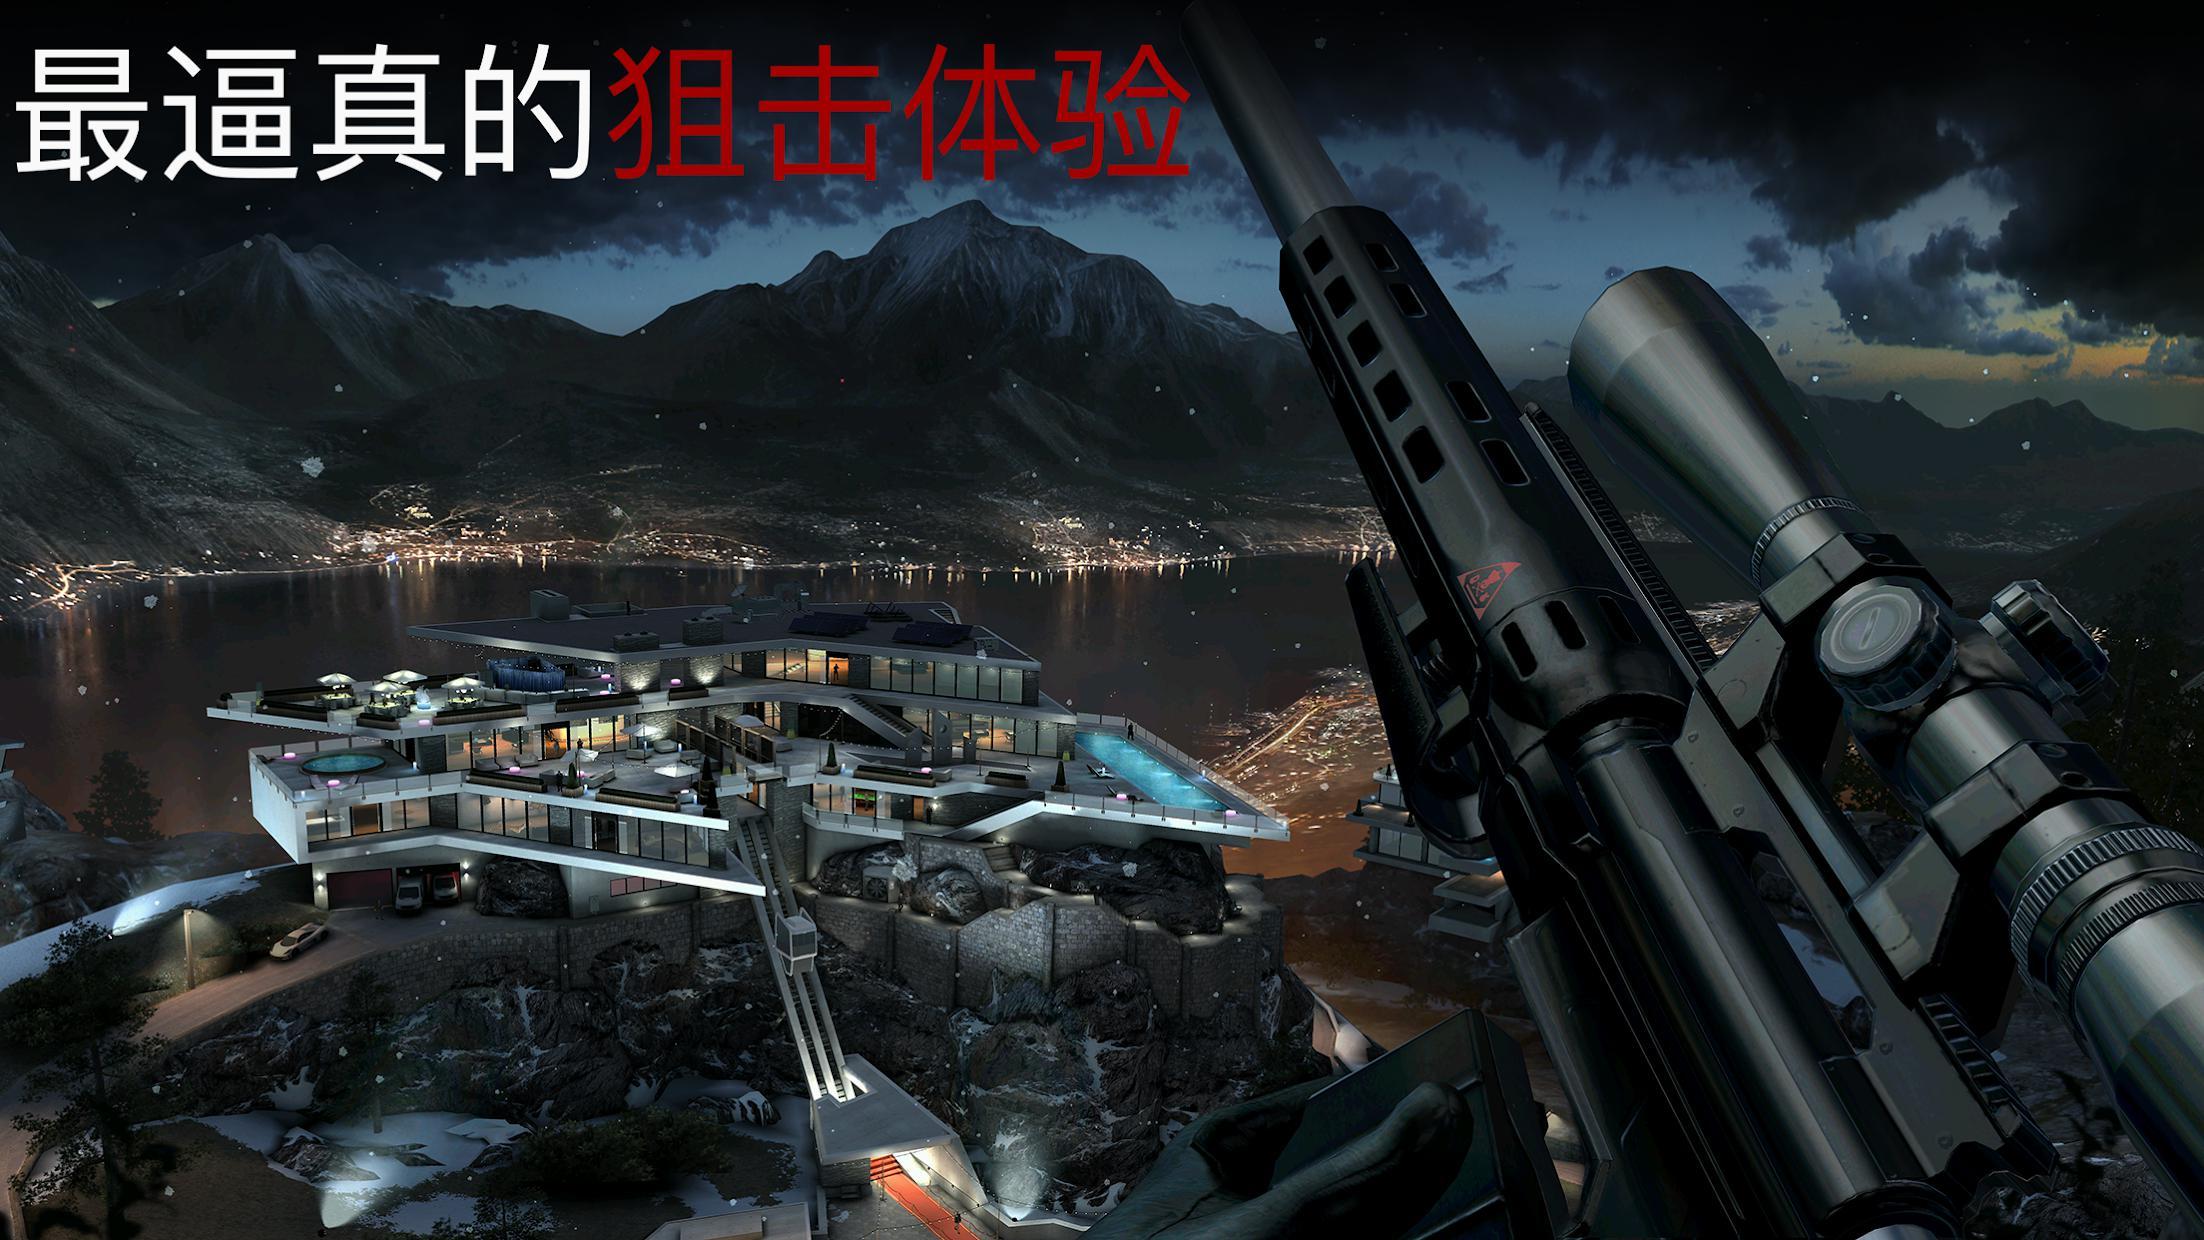 代号47:狙击 游戏截图1